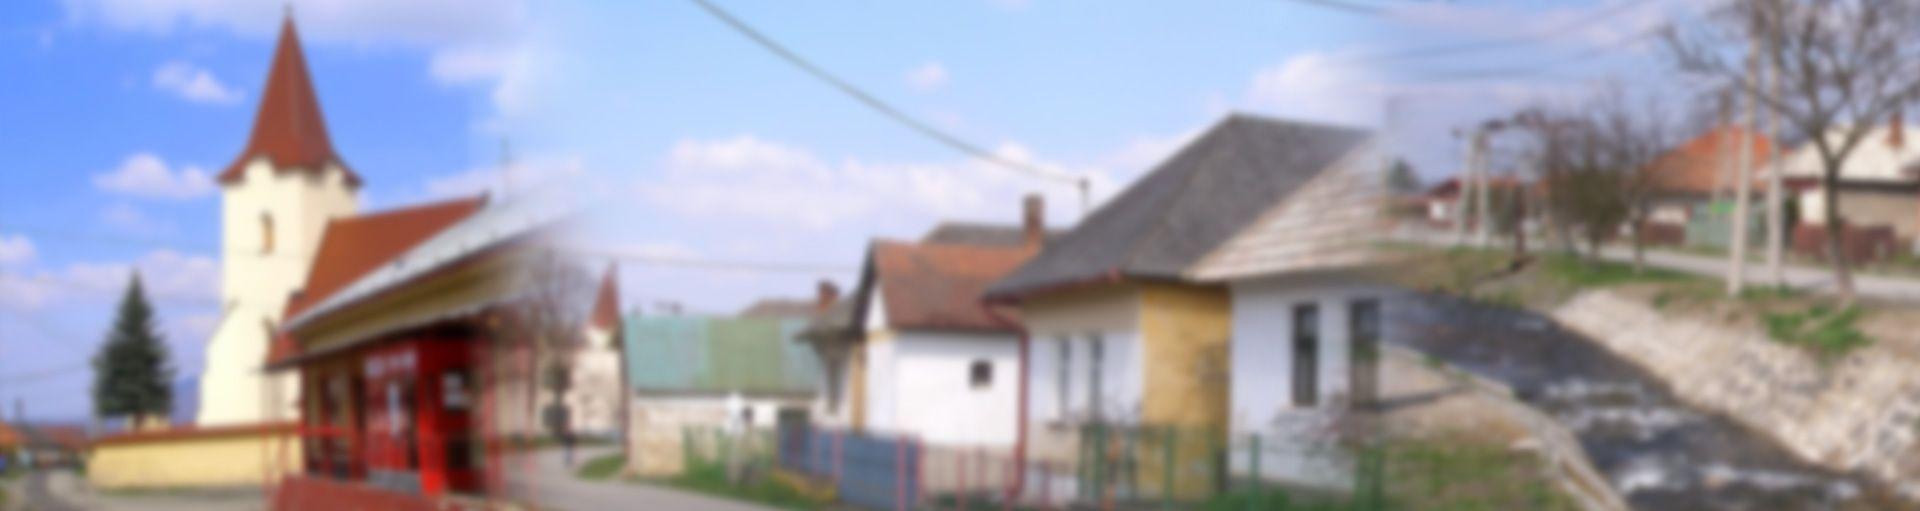 vysnasebastova.sk